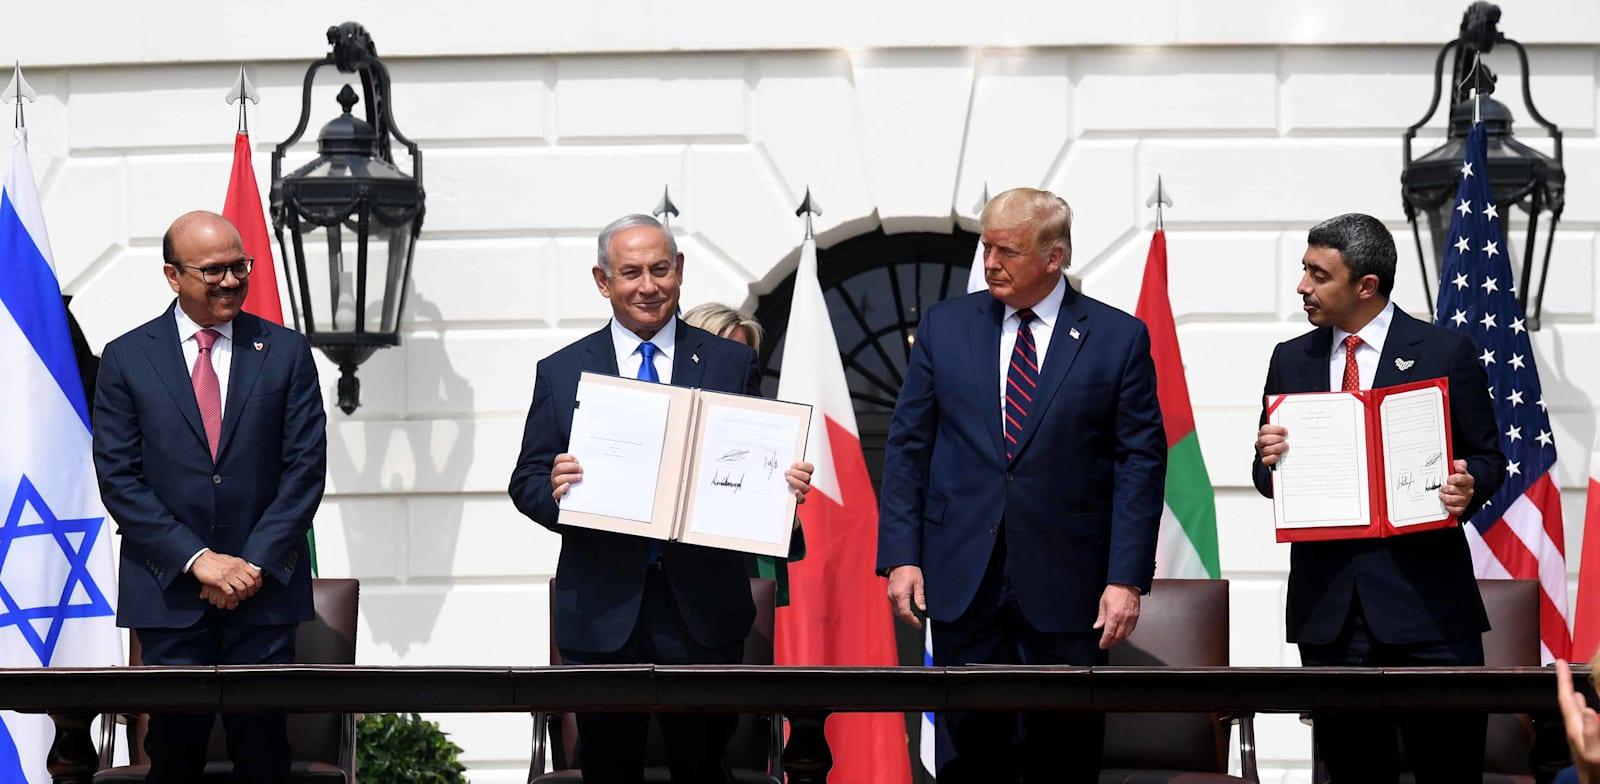 נתניהו, טראמפ, בן ראשיד ובן זאיד בטקס החתימה על הסכמי אברהם. ספטמבר 2020 / צילום: אבי אוחיון, לע''מ